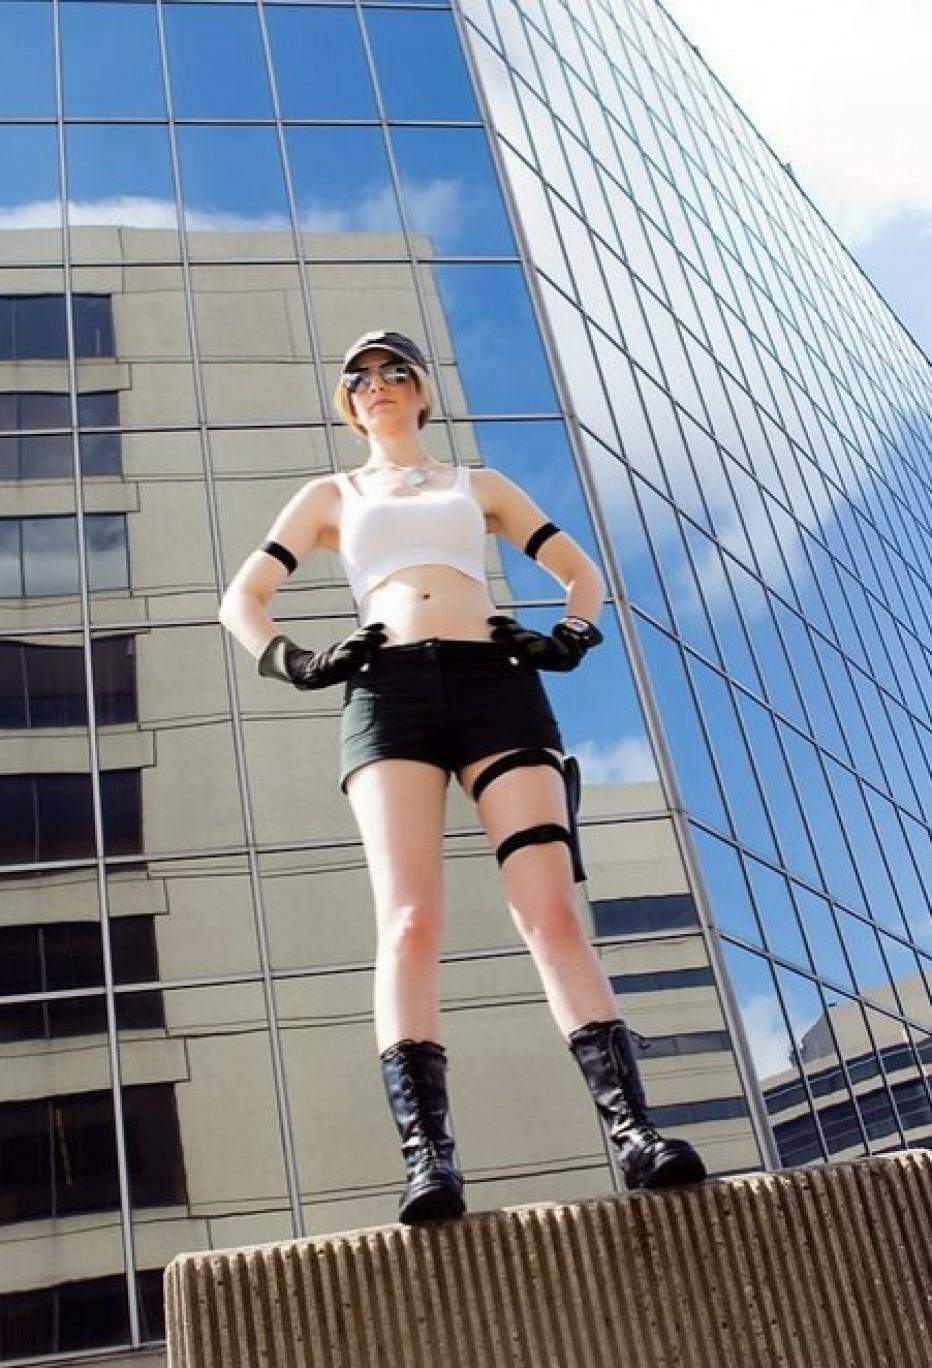 Sonya-Blade-Cosplay-Gamers-Heroes-6.jpg